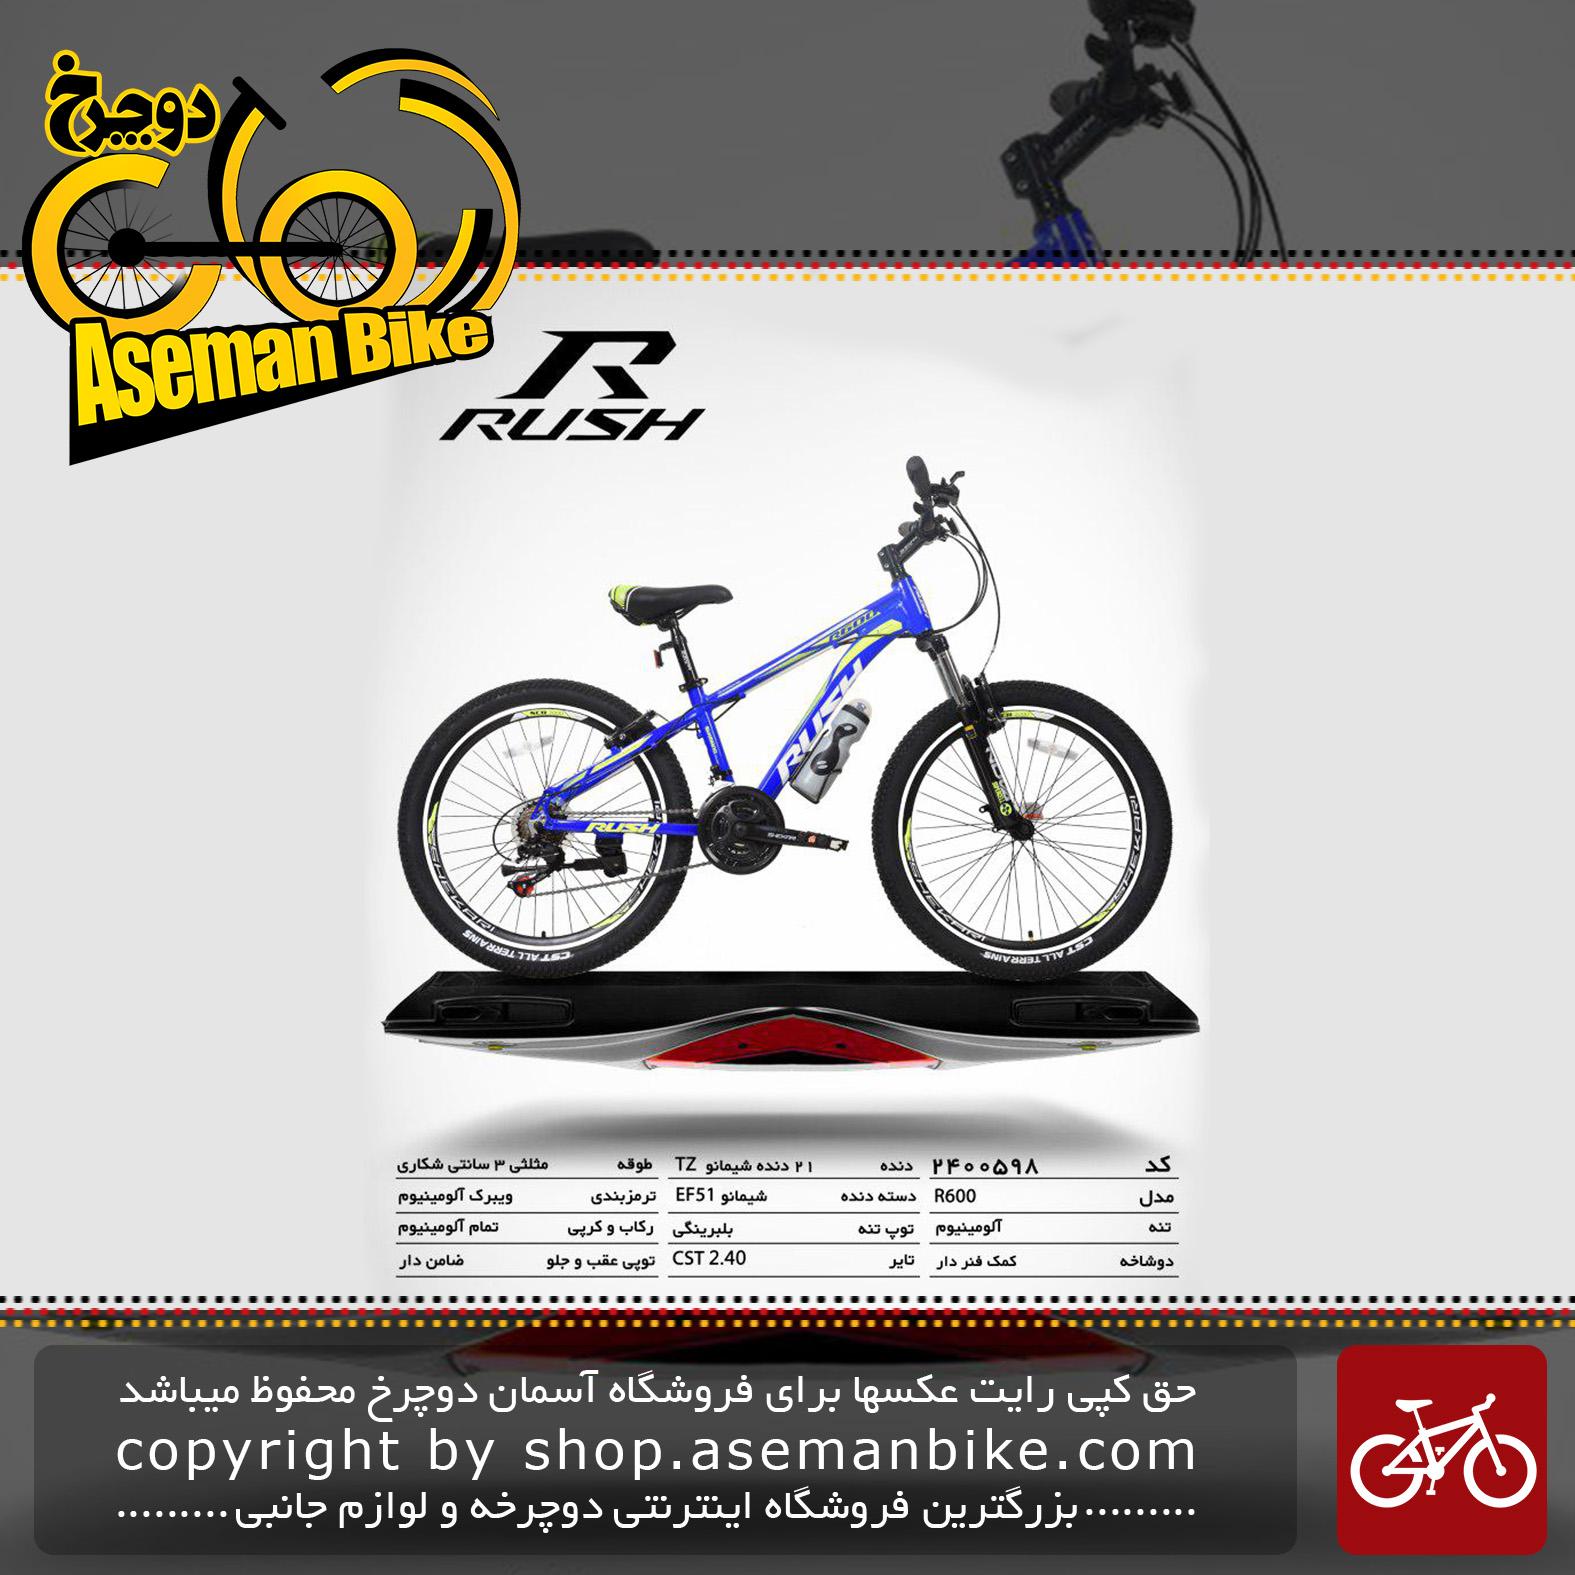 دوچرخه کوهستان شهری راش 21 دنده شیمانو تی اس مدل آر 600سایز 24 تنه آلمینیوم ساخت تایوانrush bicycle 24 21 speed shimano tz aluminum vb r 600 2019